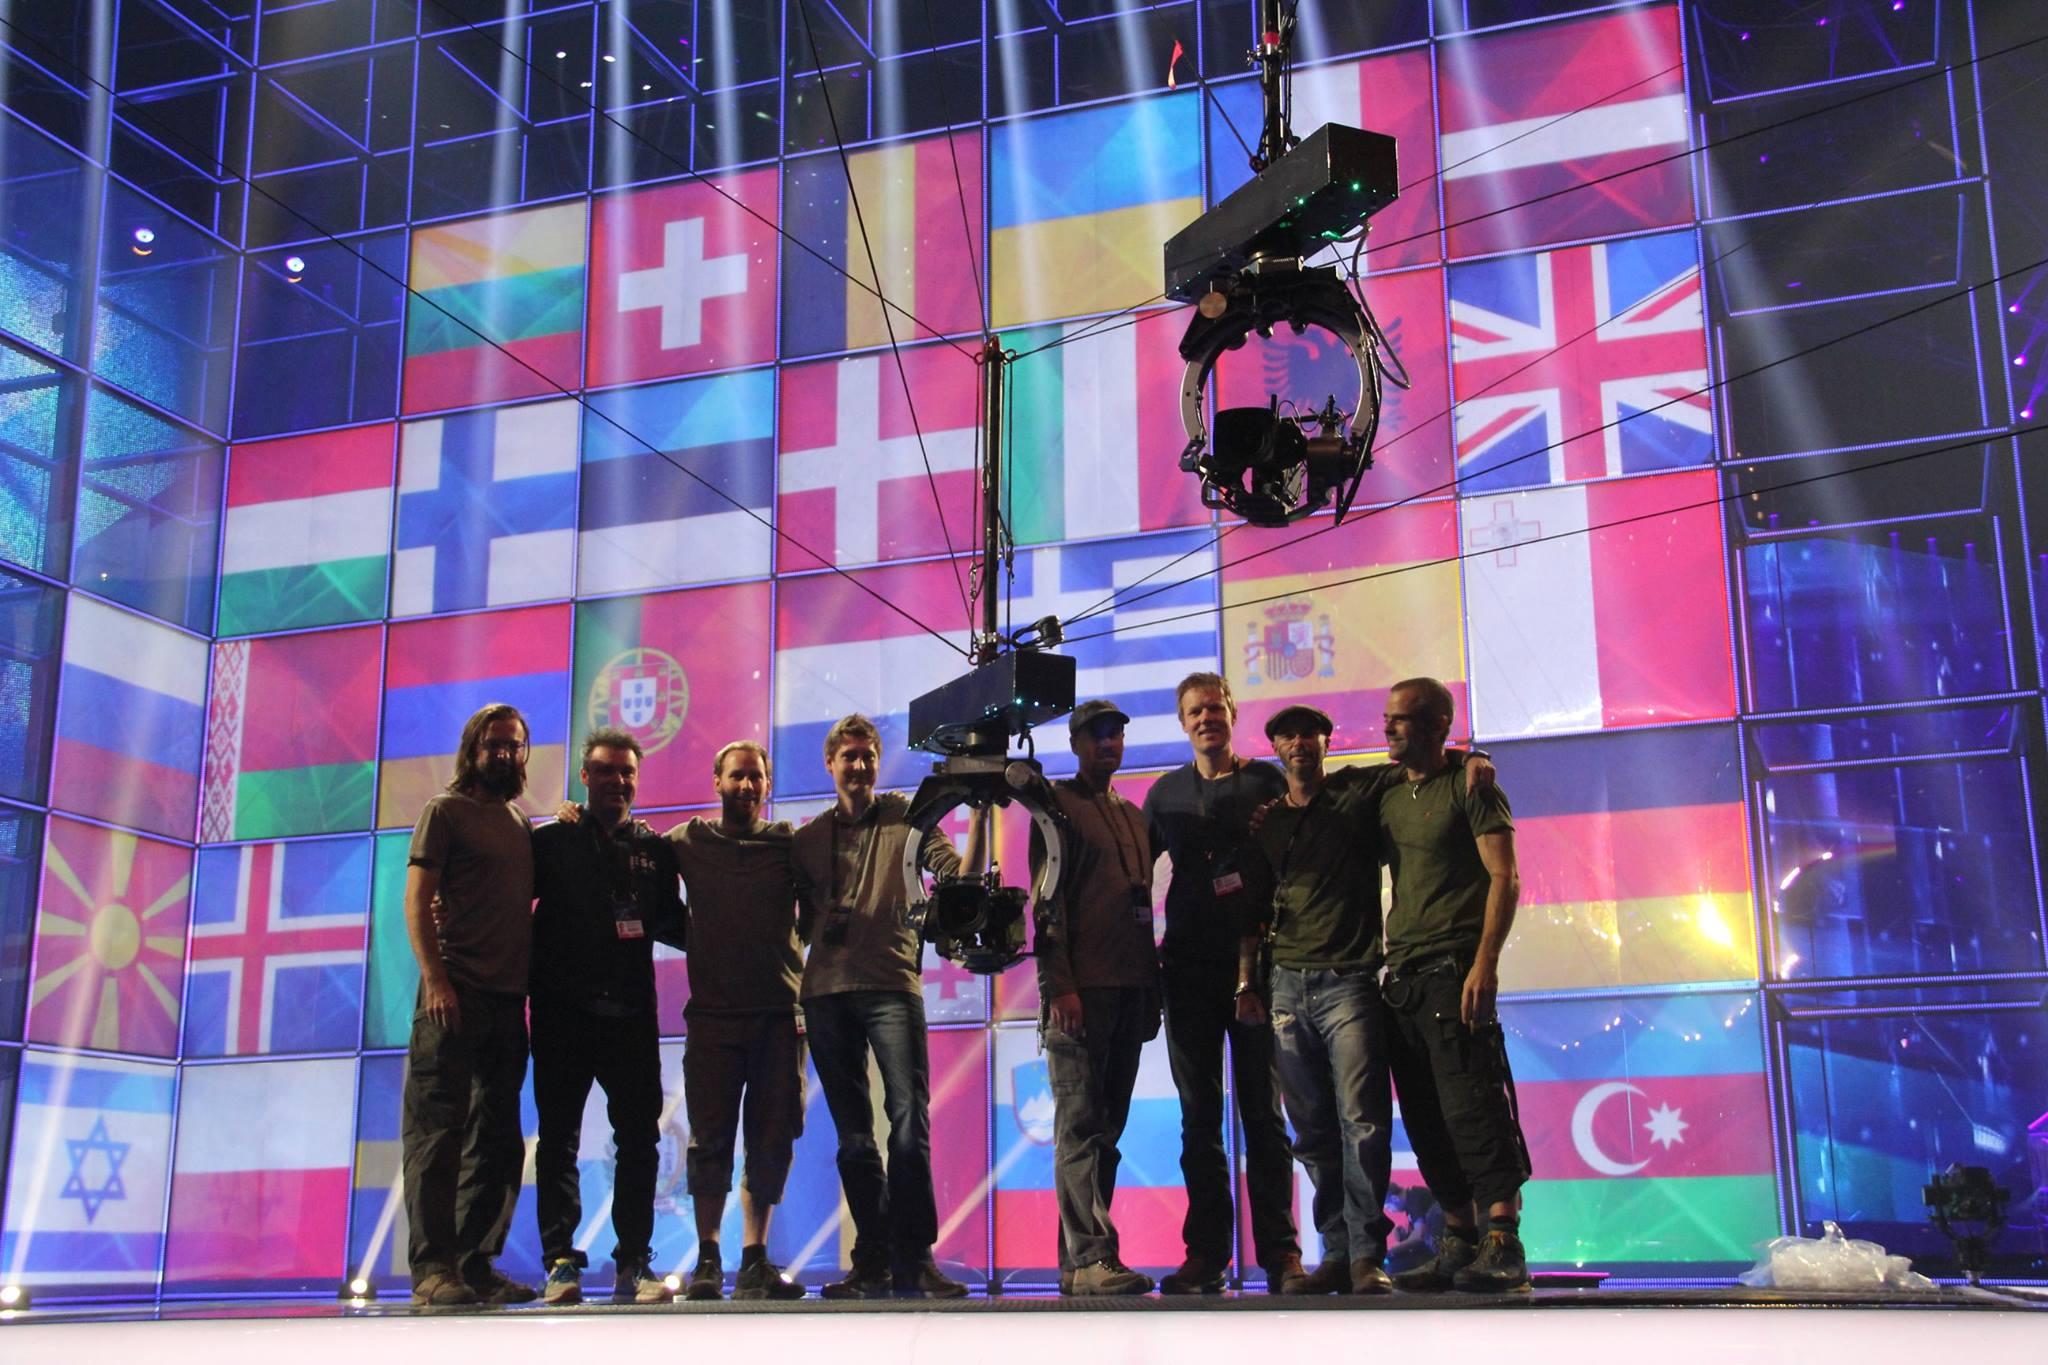 Camera Revolution Ltd